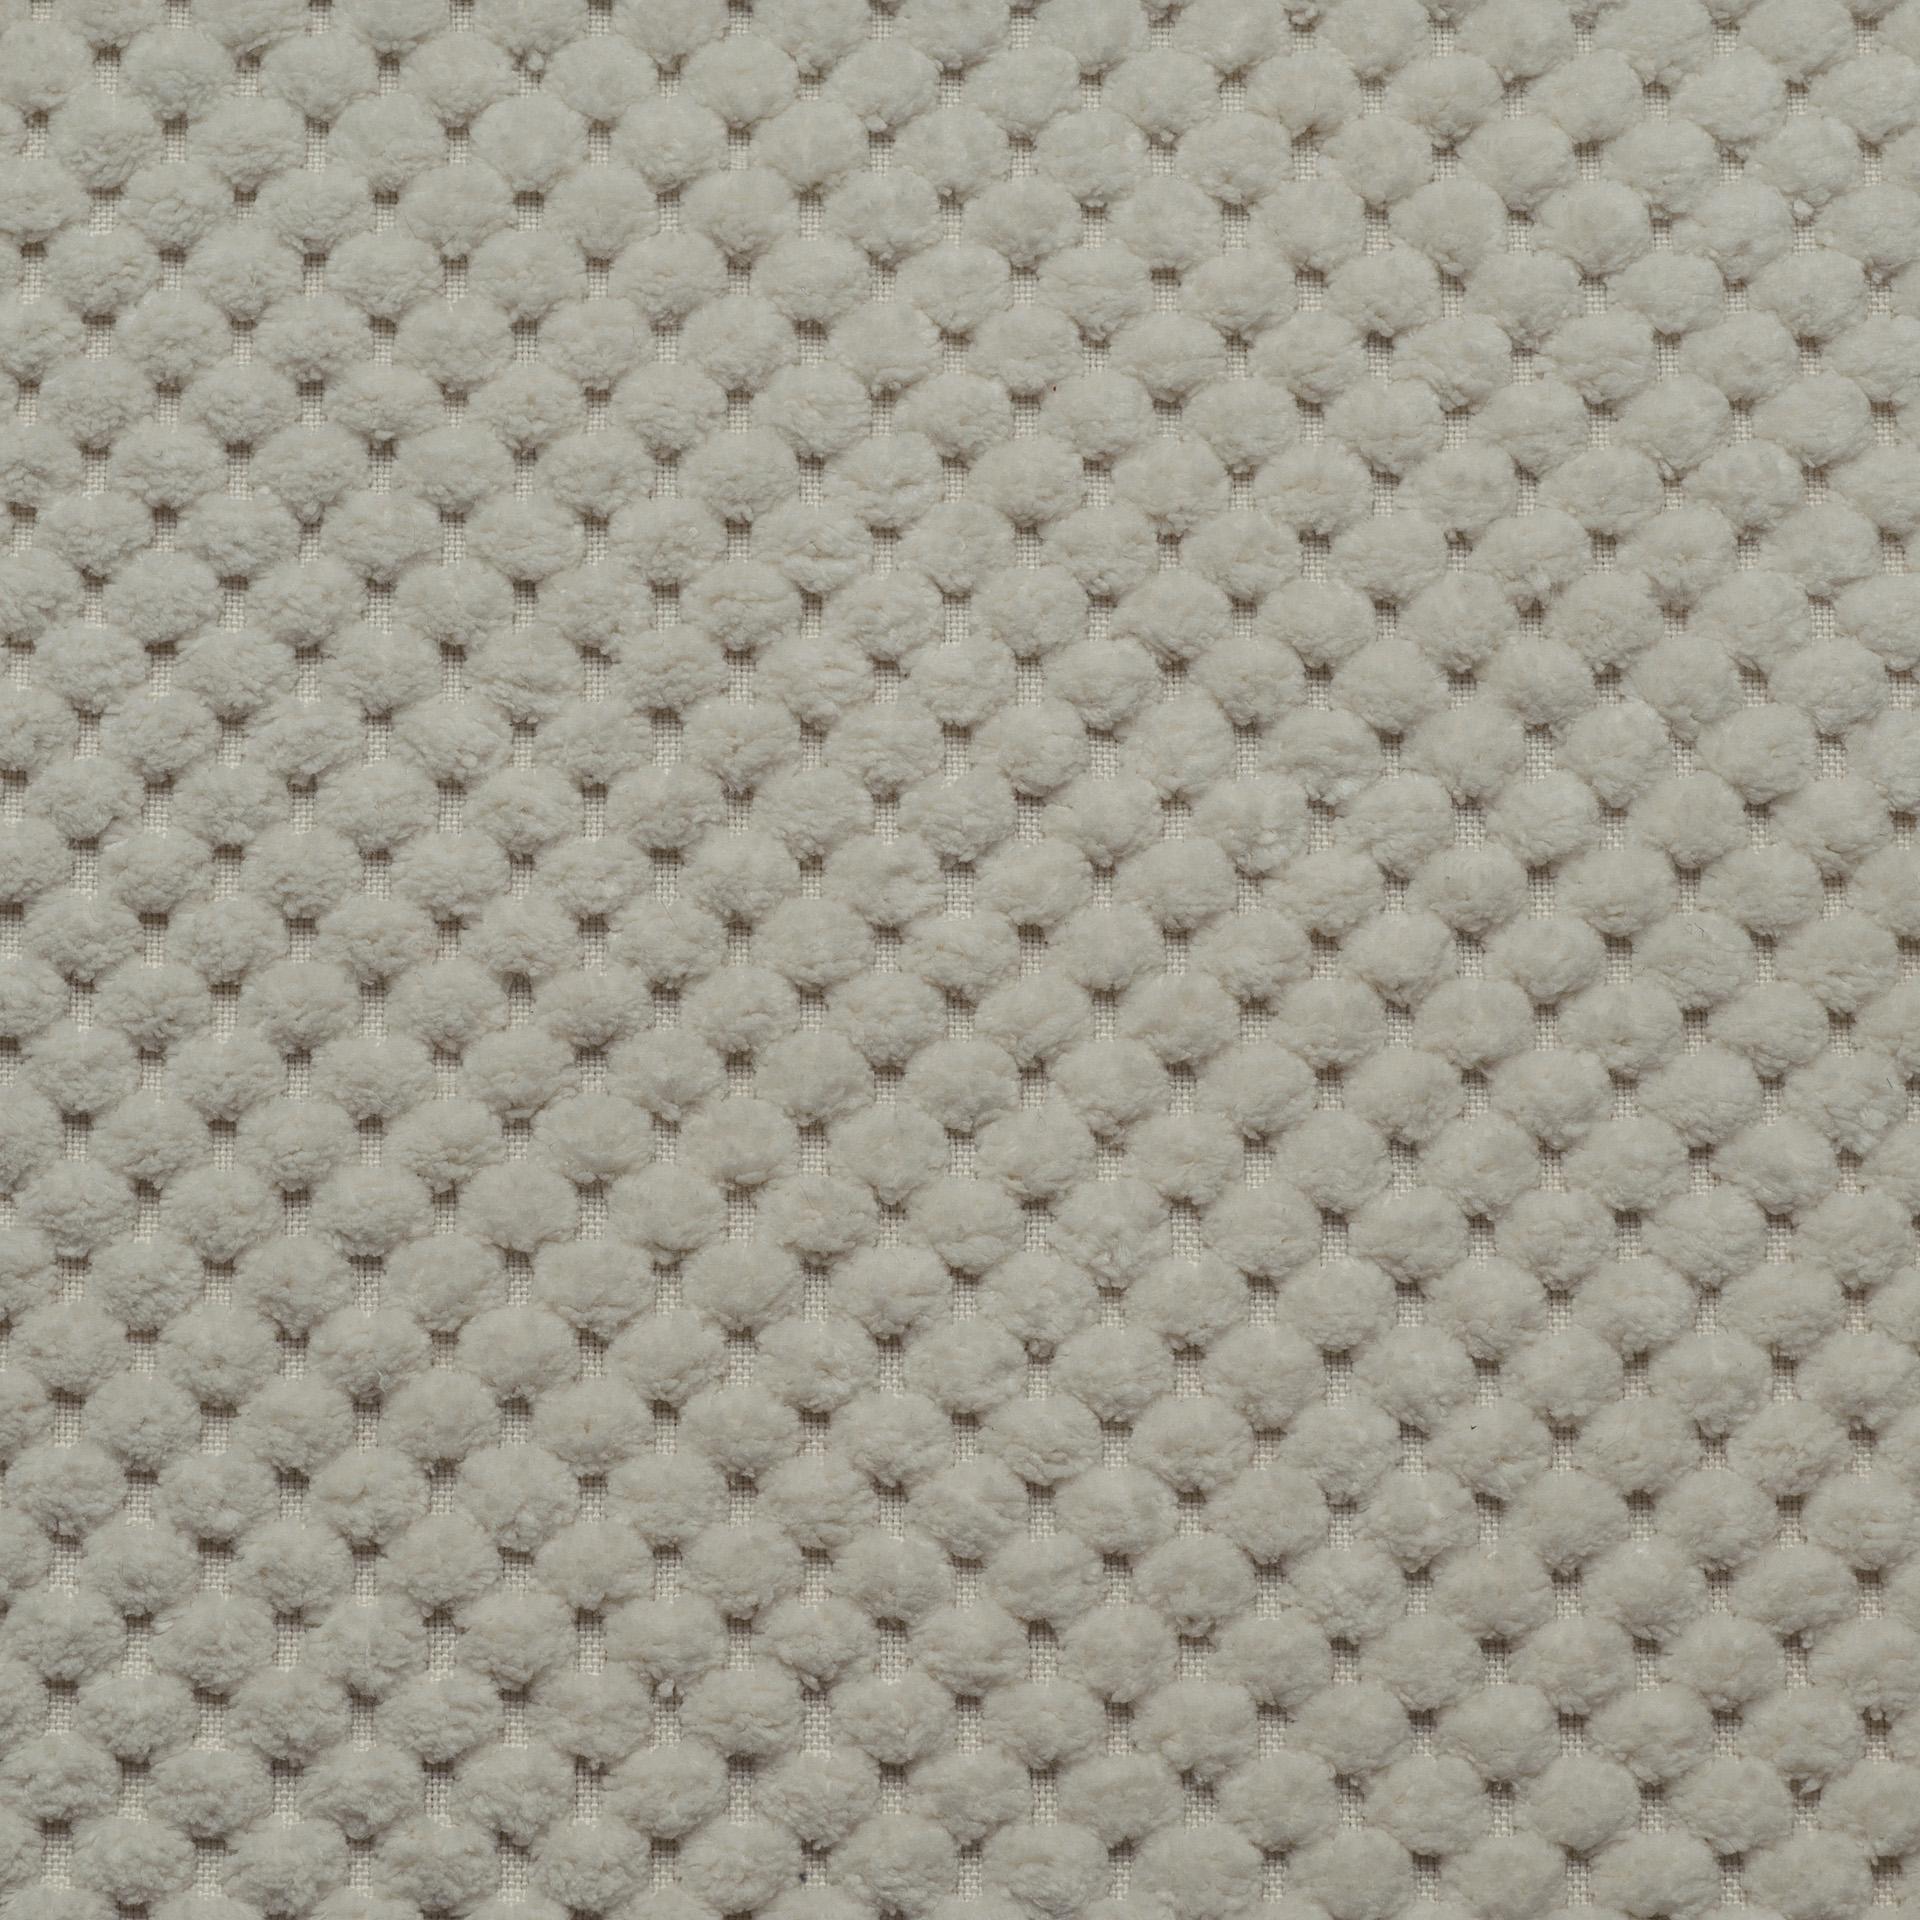 Коллекция ткани Дорис 11,  купить ткань Велюр для мебели Украина